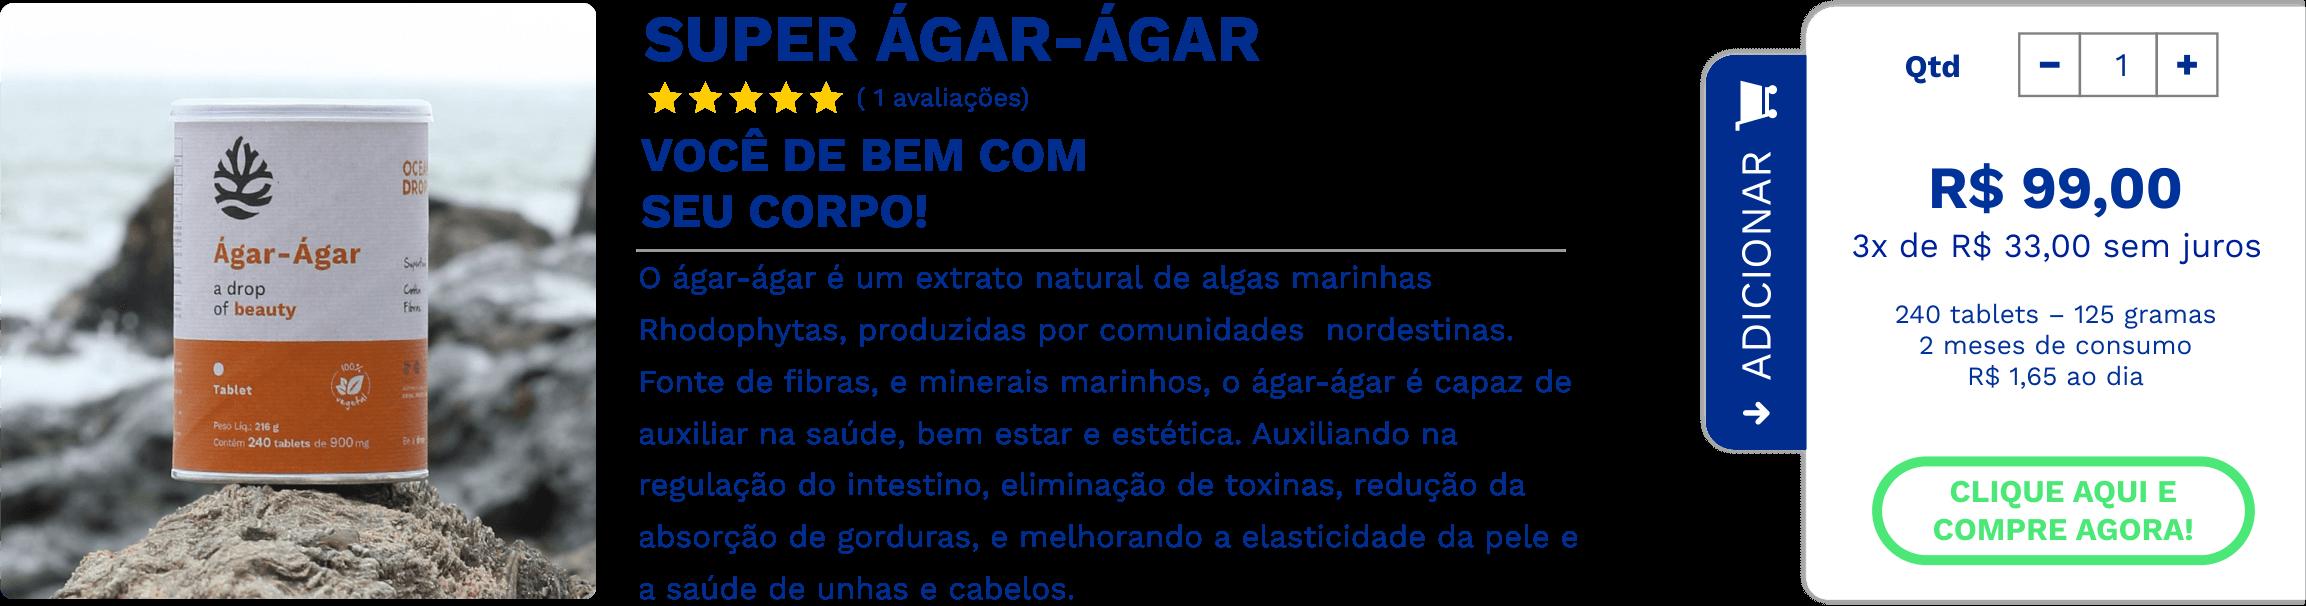 display-agar-produto